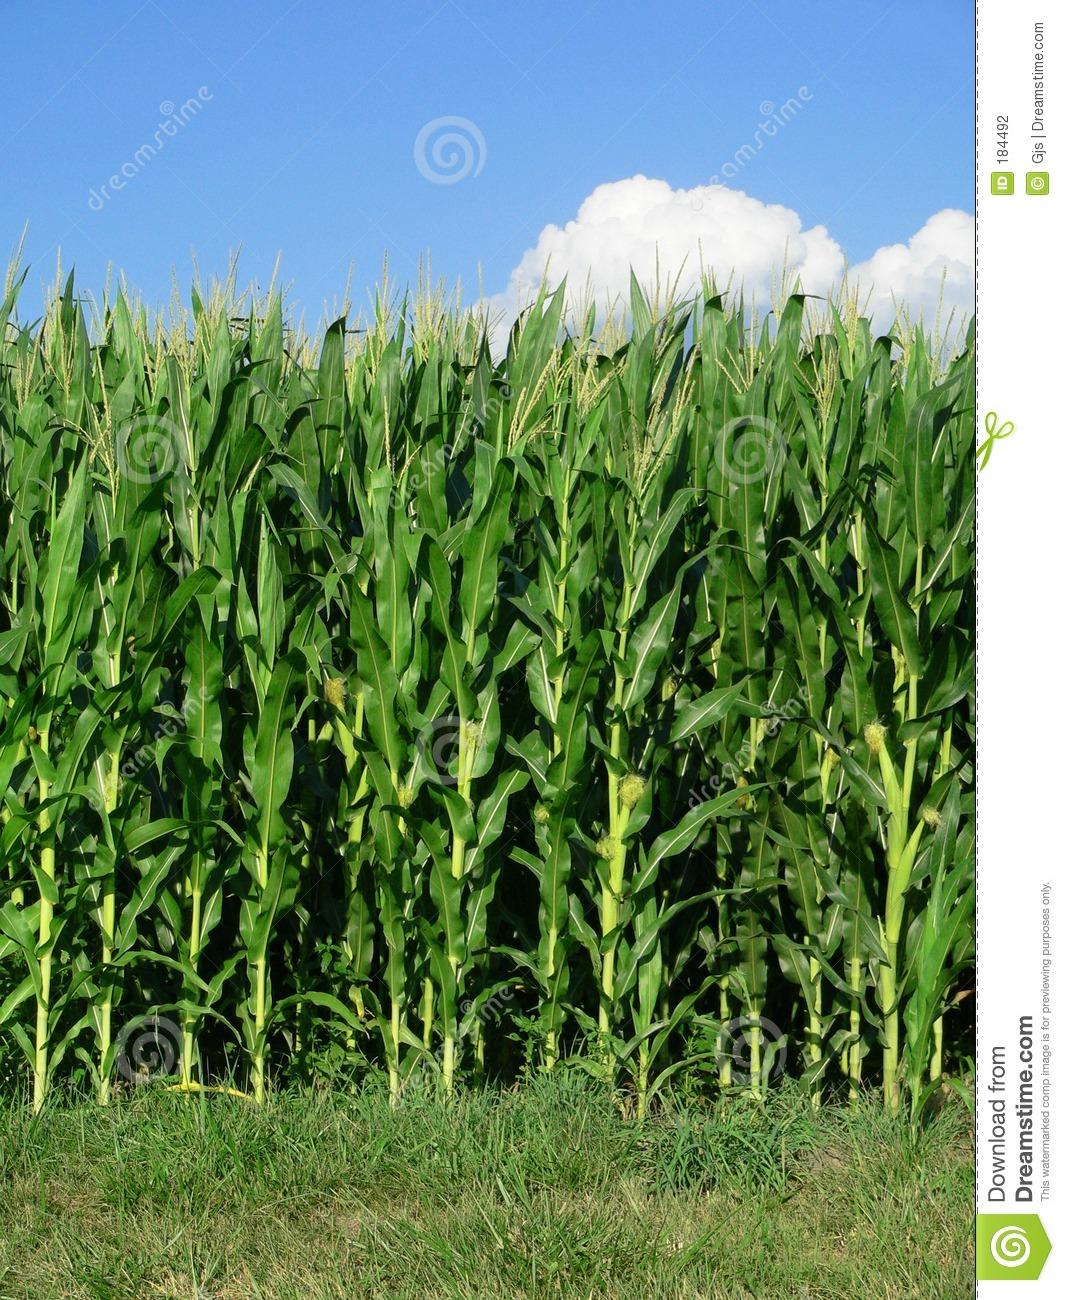 Maize fields clipart #5